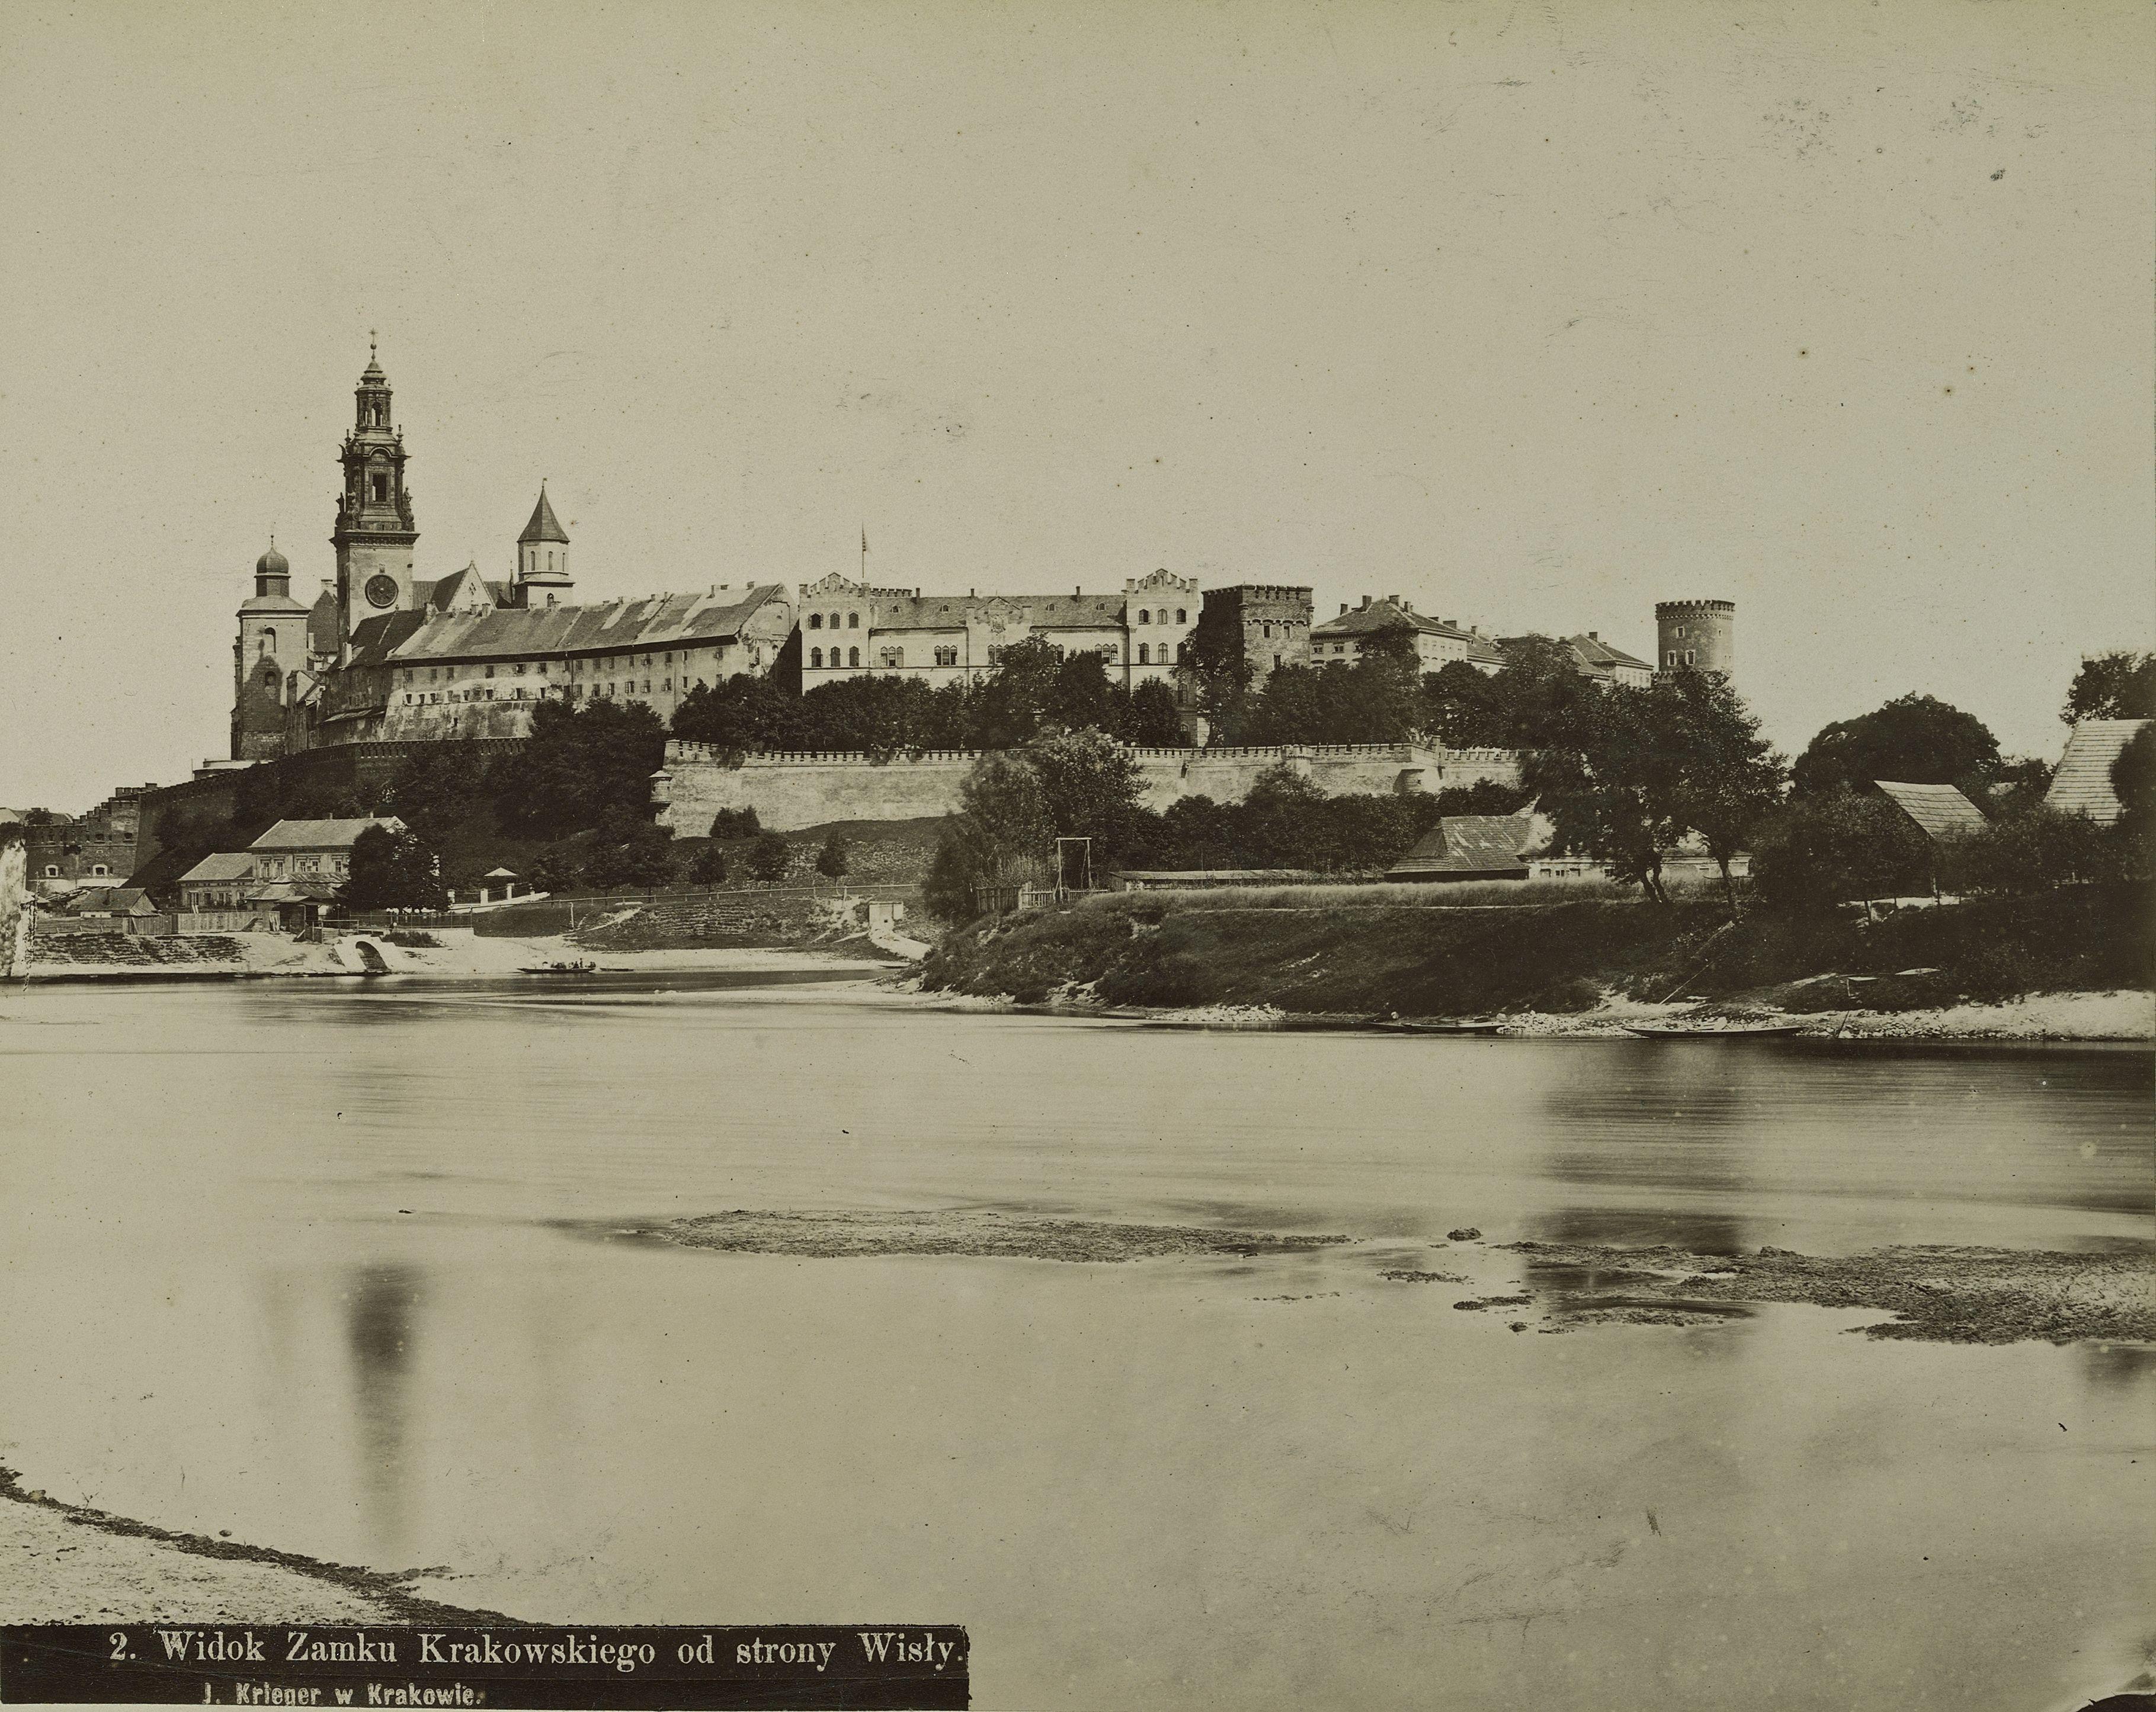 Австро-Венгрия. Краков. Вид замка с Вислы